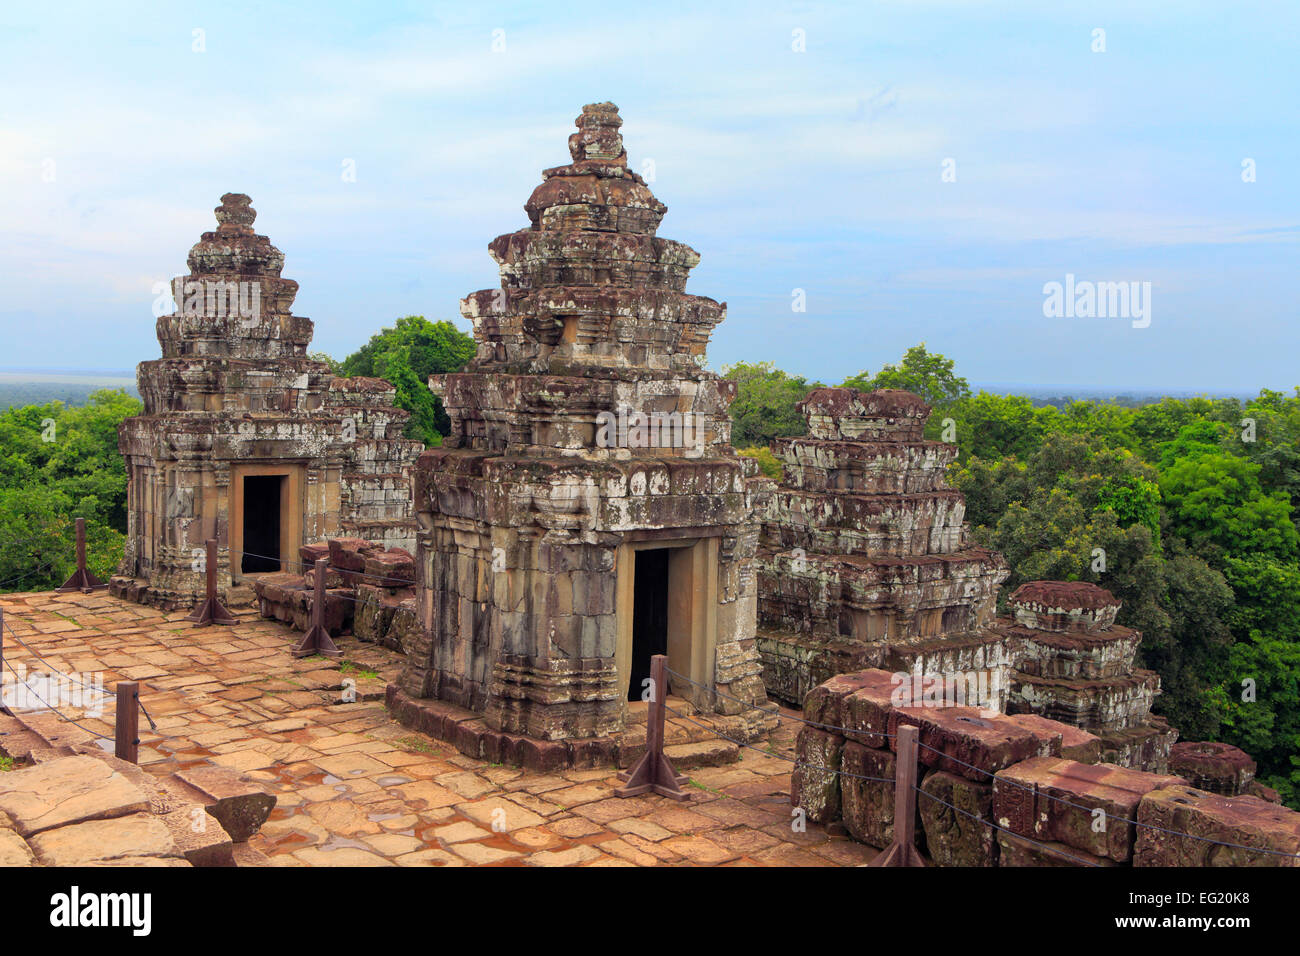 Phnom Bakheng - Bakheng Sunset - Siem Reap phnom bakheng ...  |Phnom Bakheng Temple